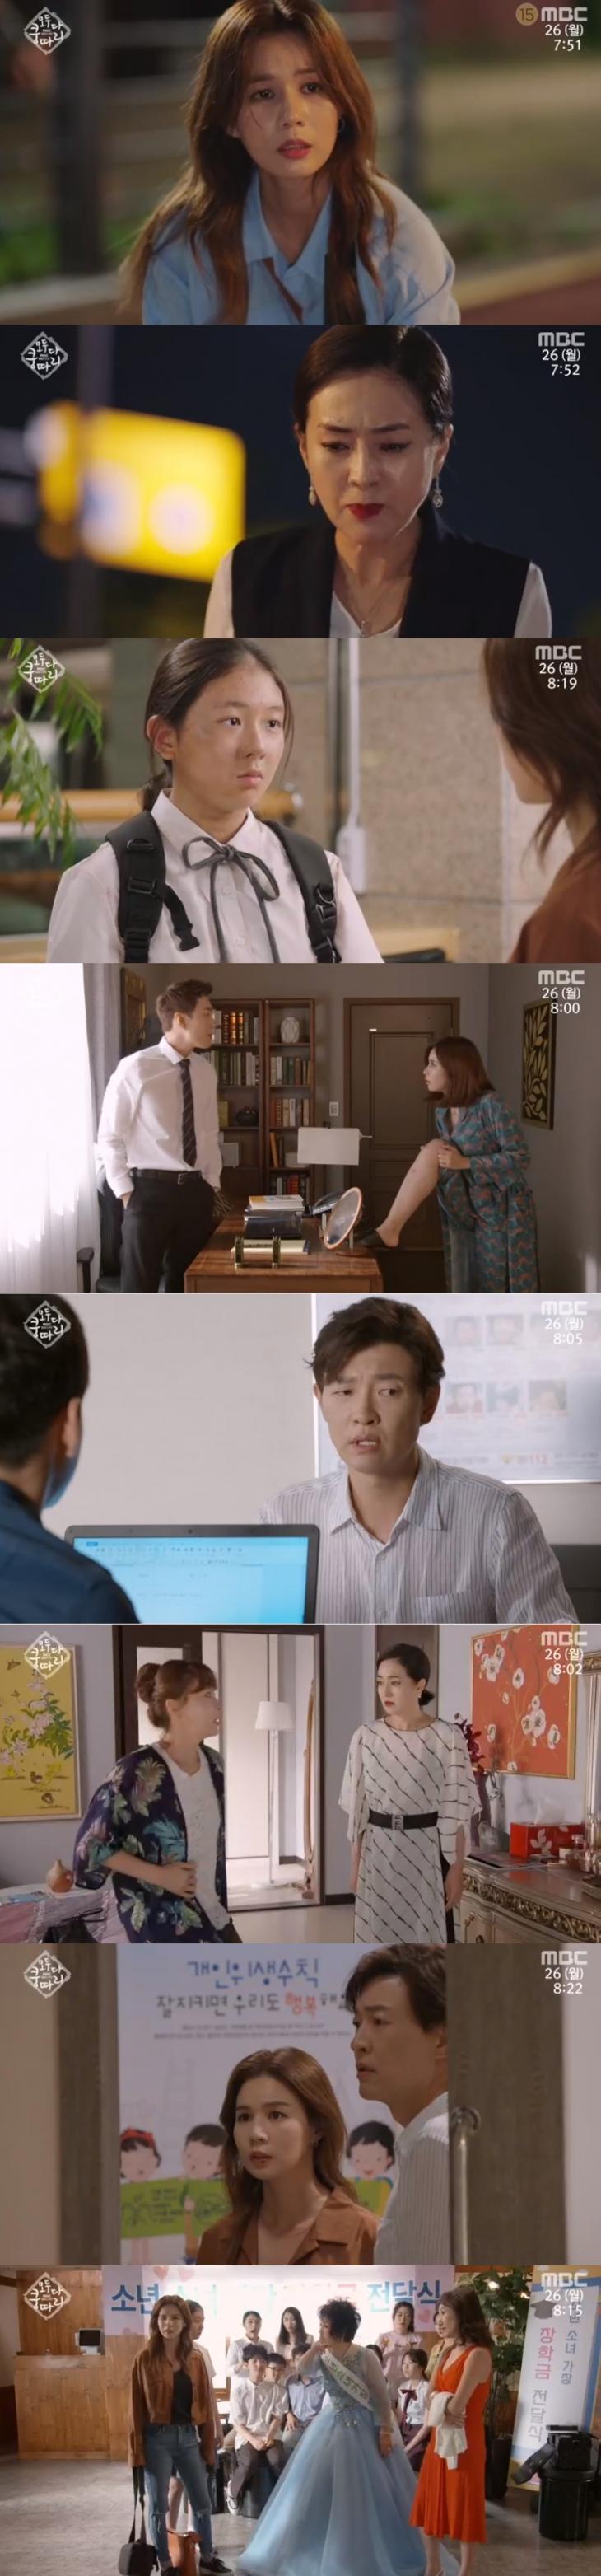 이보희 박시은 김호진 서혜진 강석정 / MBC '모두다쿵따리' 캡처